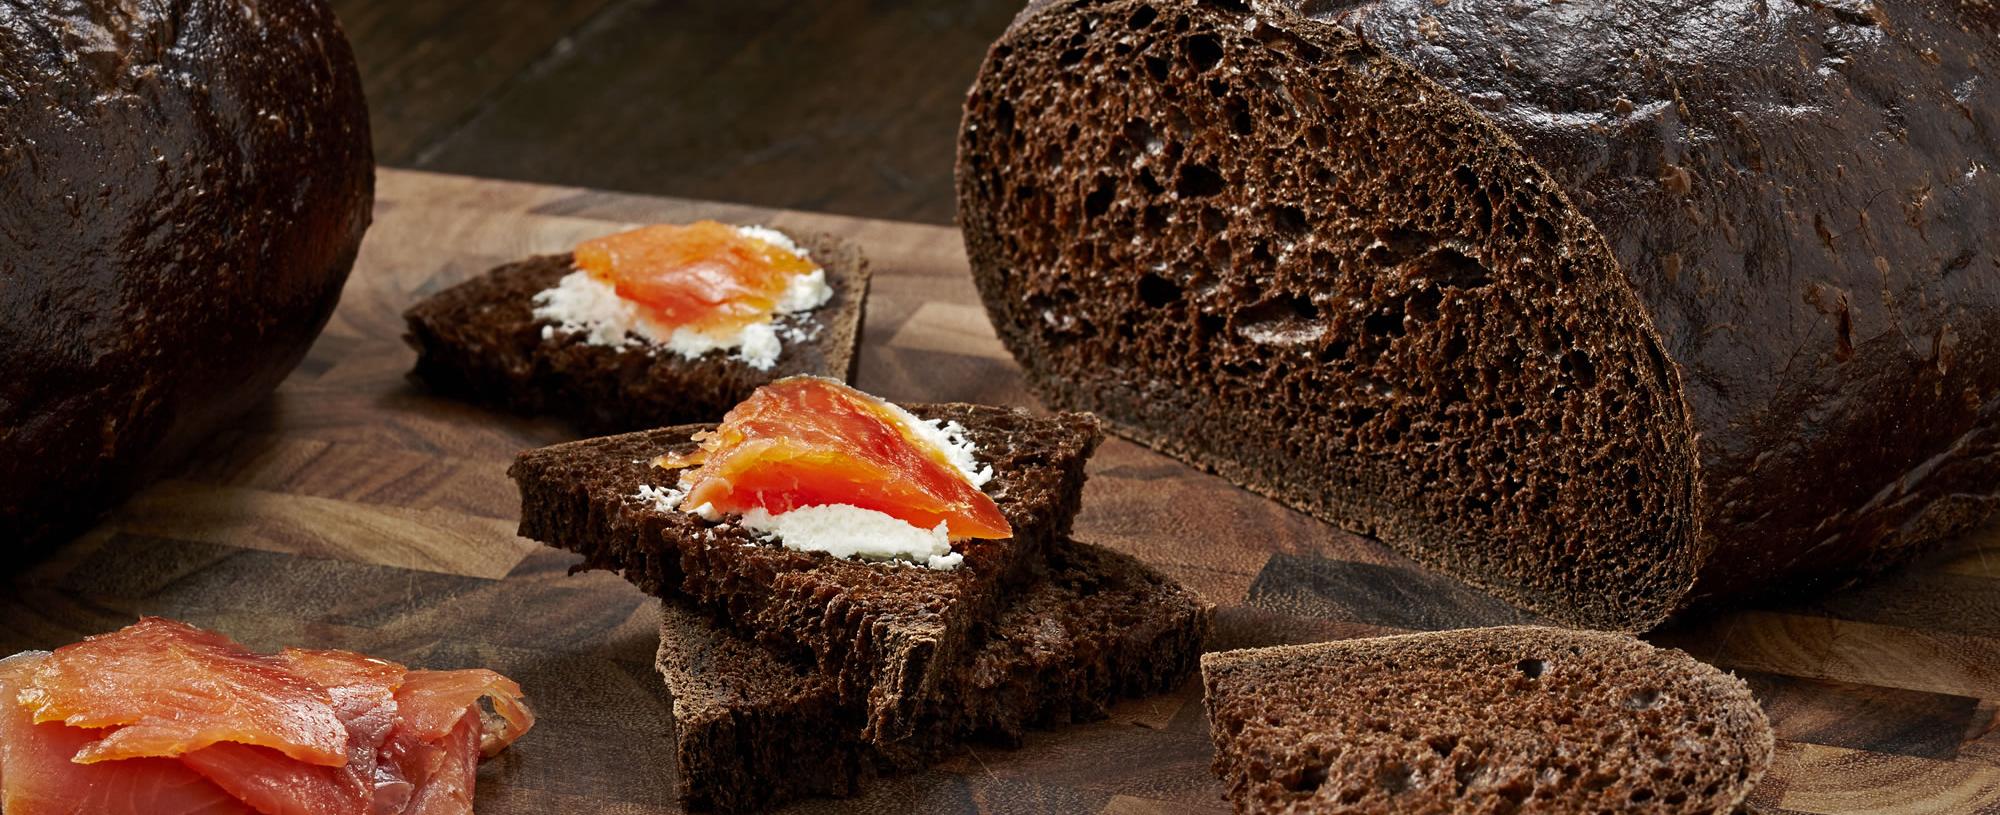 2000x815_Pumpernickel Boule Bread 8401